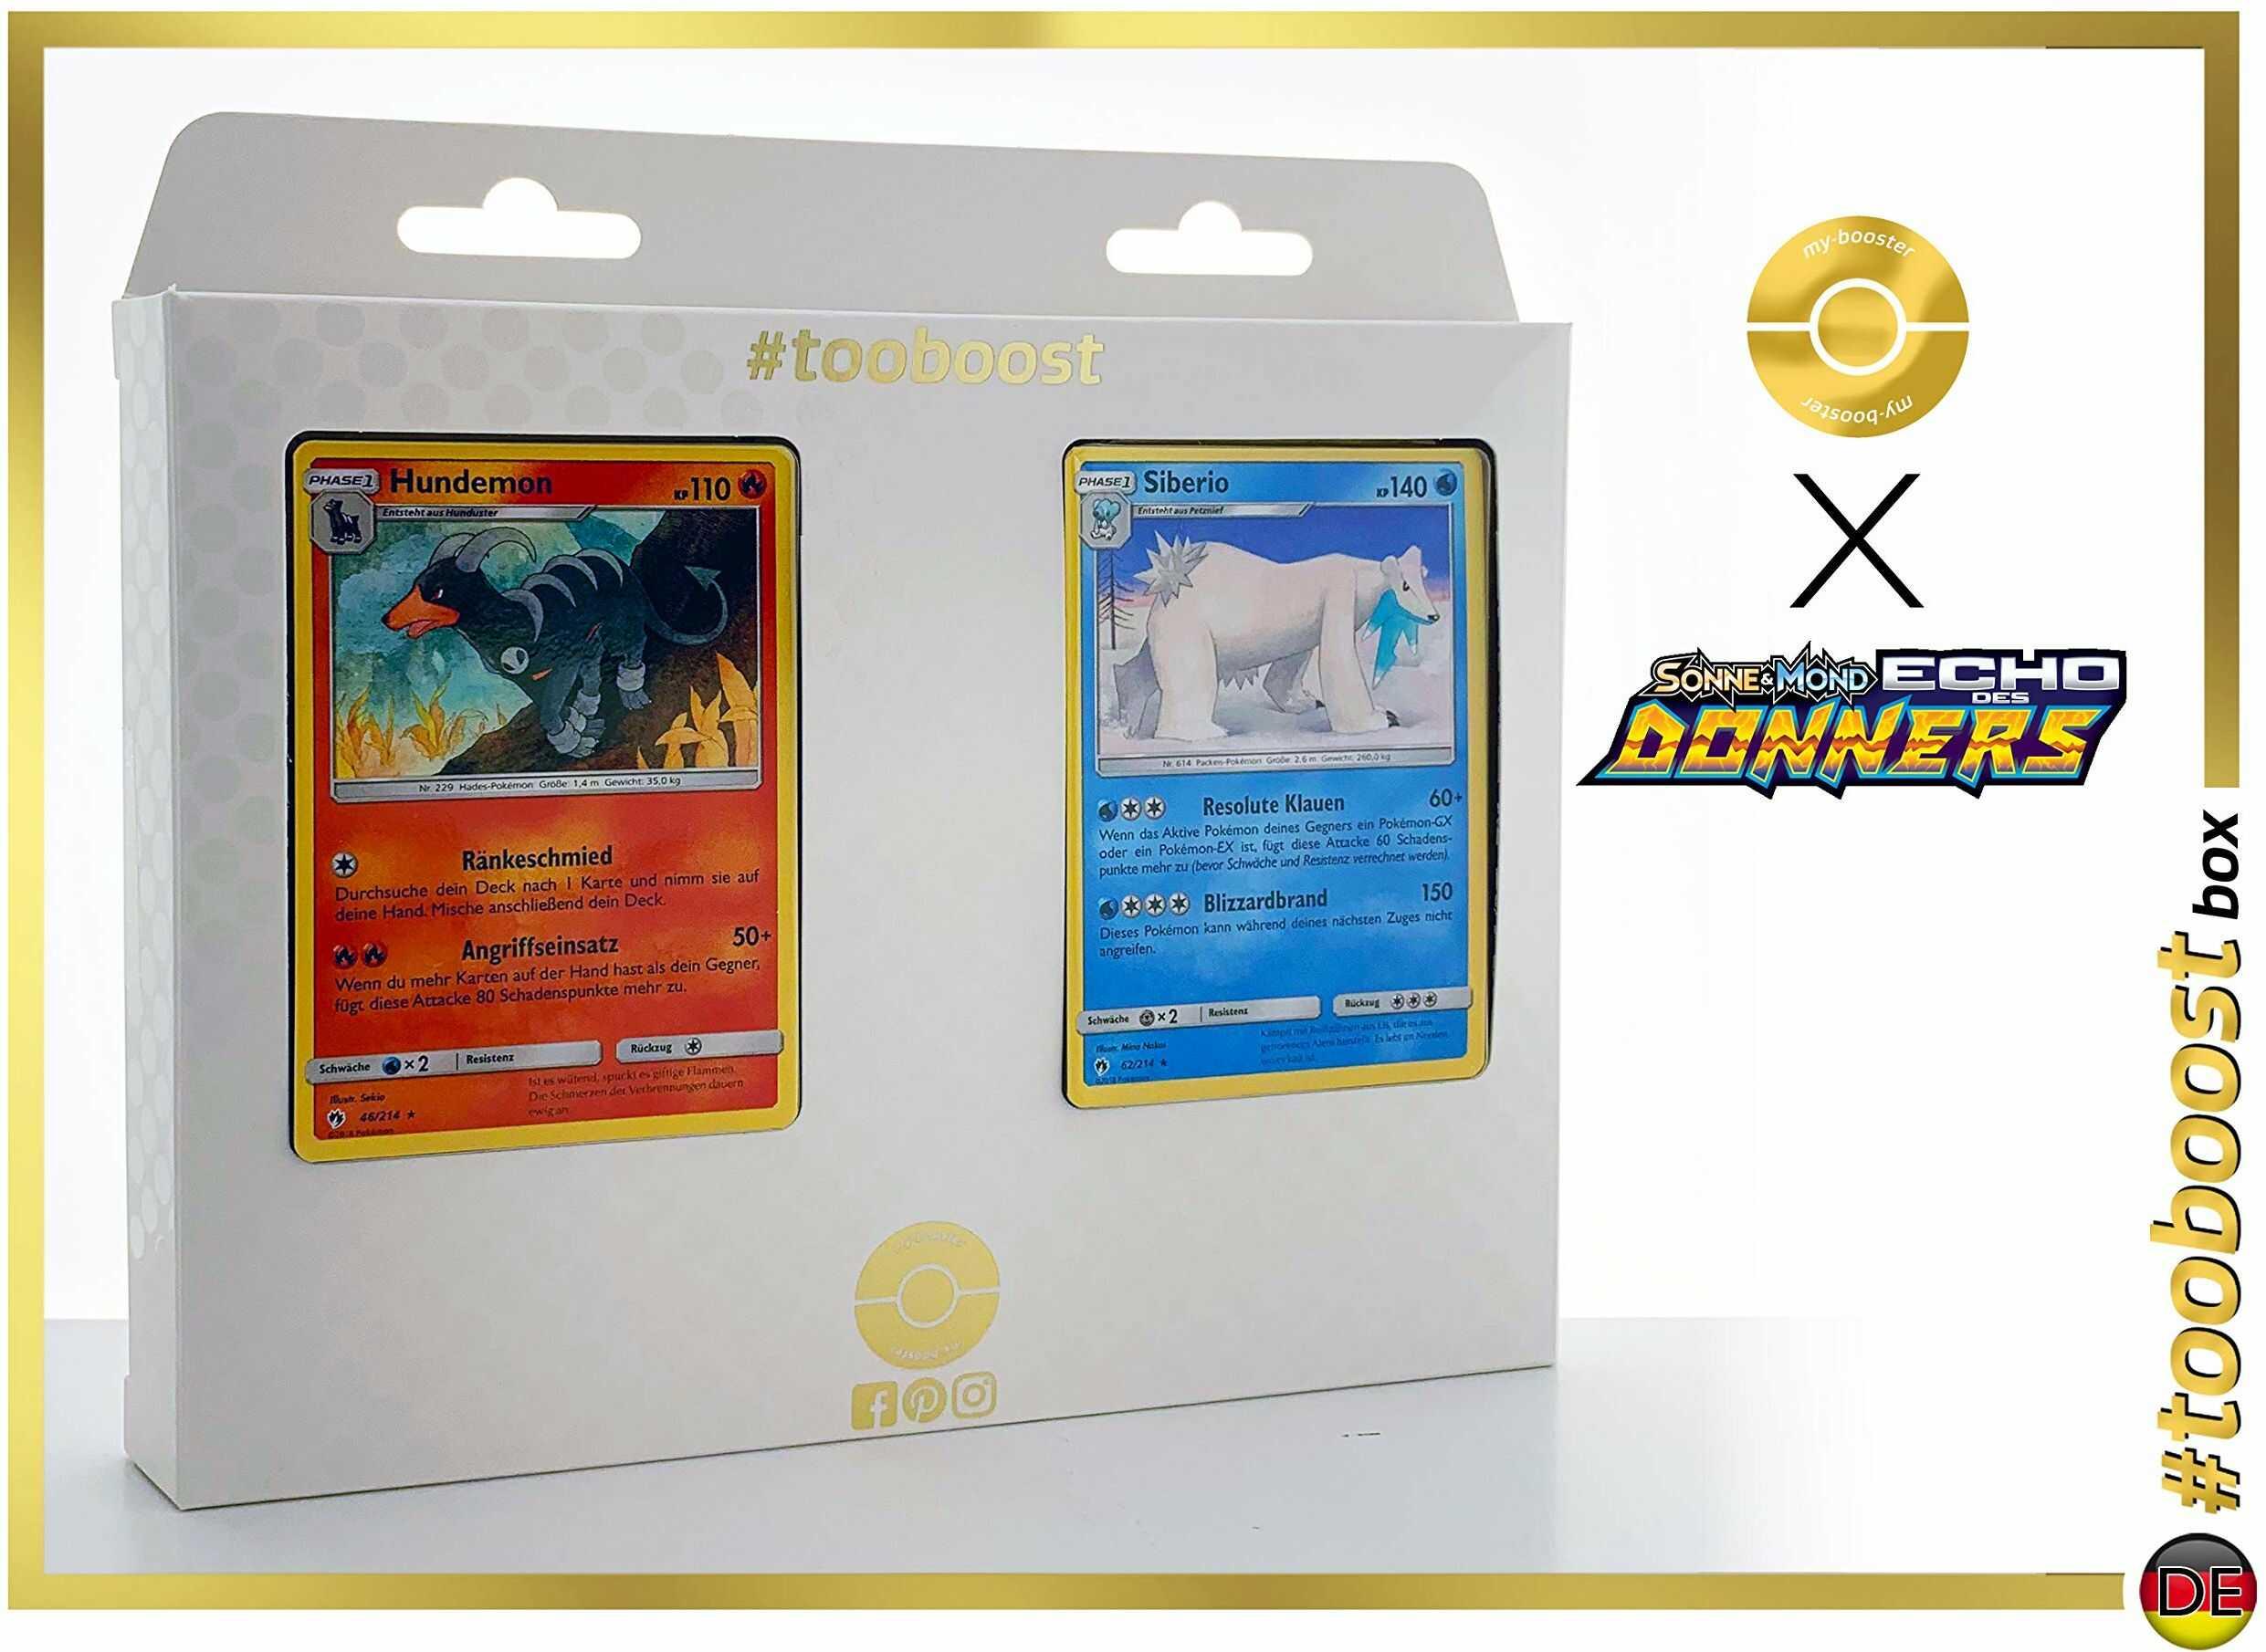 Hunmon 46/214 & Siberio 62/214  #tooboost X słońce i księżyc 8 echo Donnera  pudełko z 10 niemieckimi kartami Pokémon + 1 Goodie Pokémon.